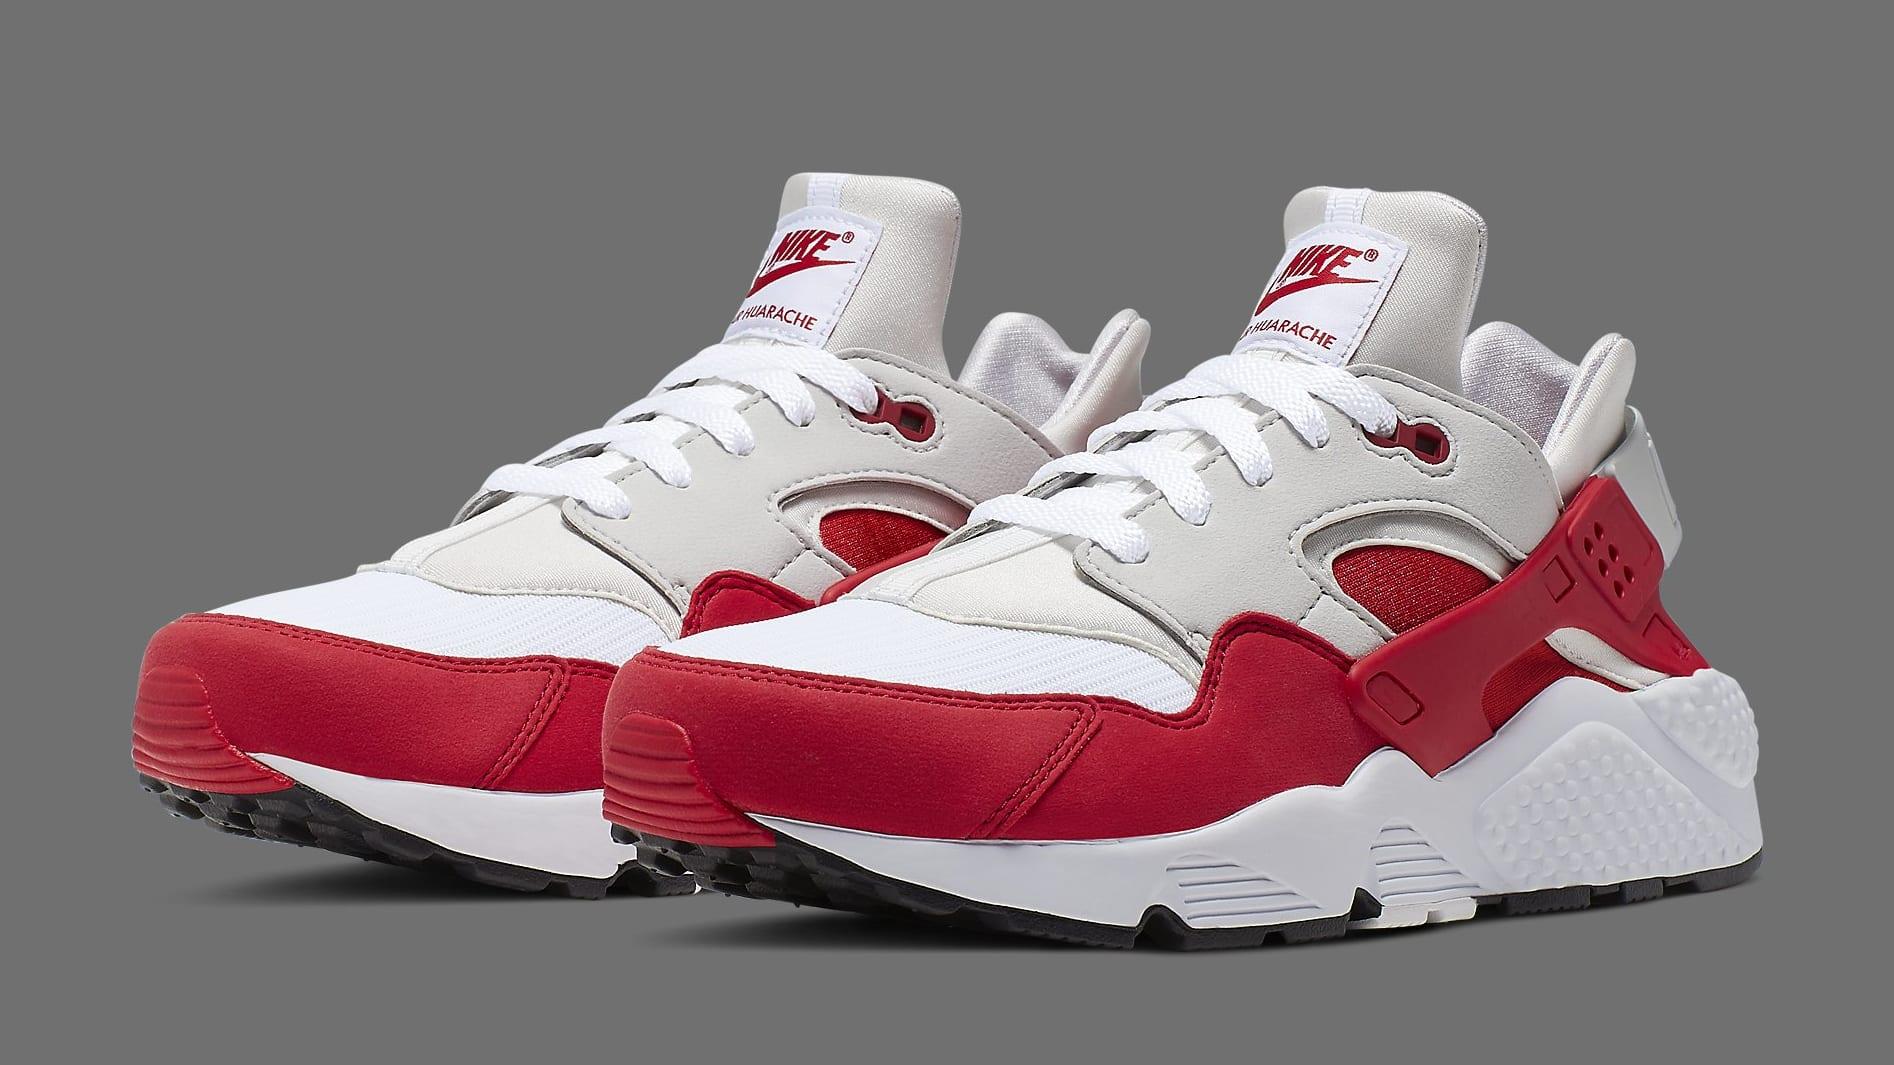 nike-air-huarache-dna-series-ar9863-900-pair